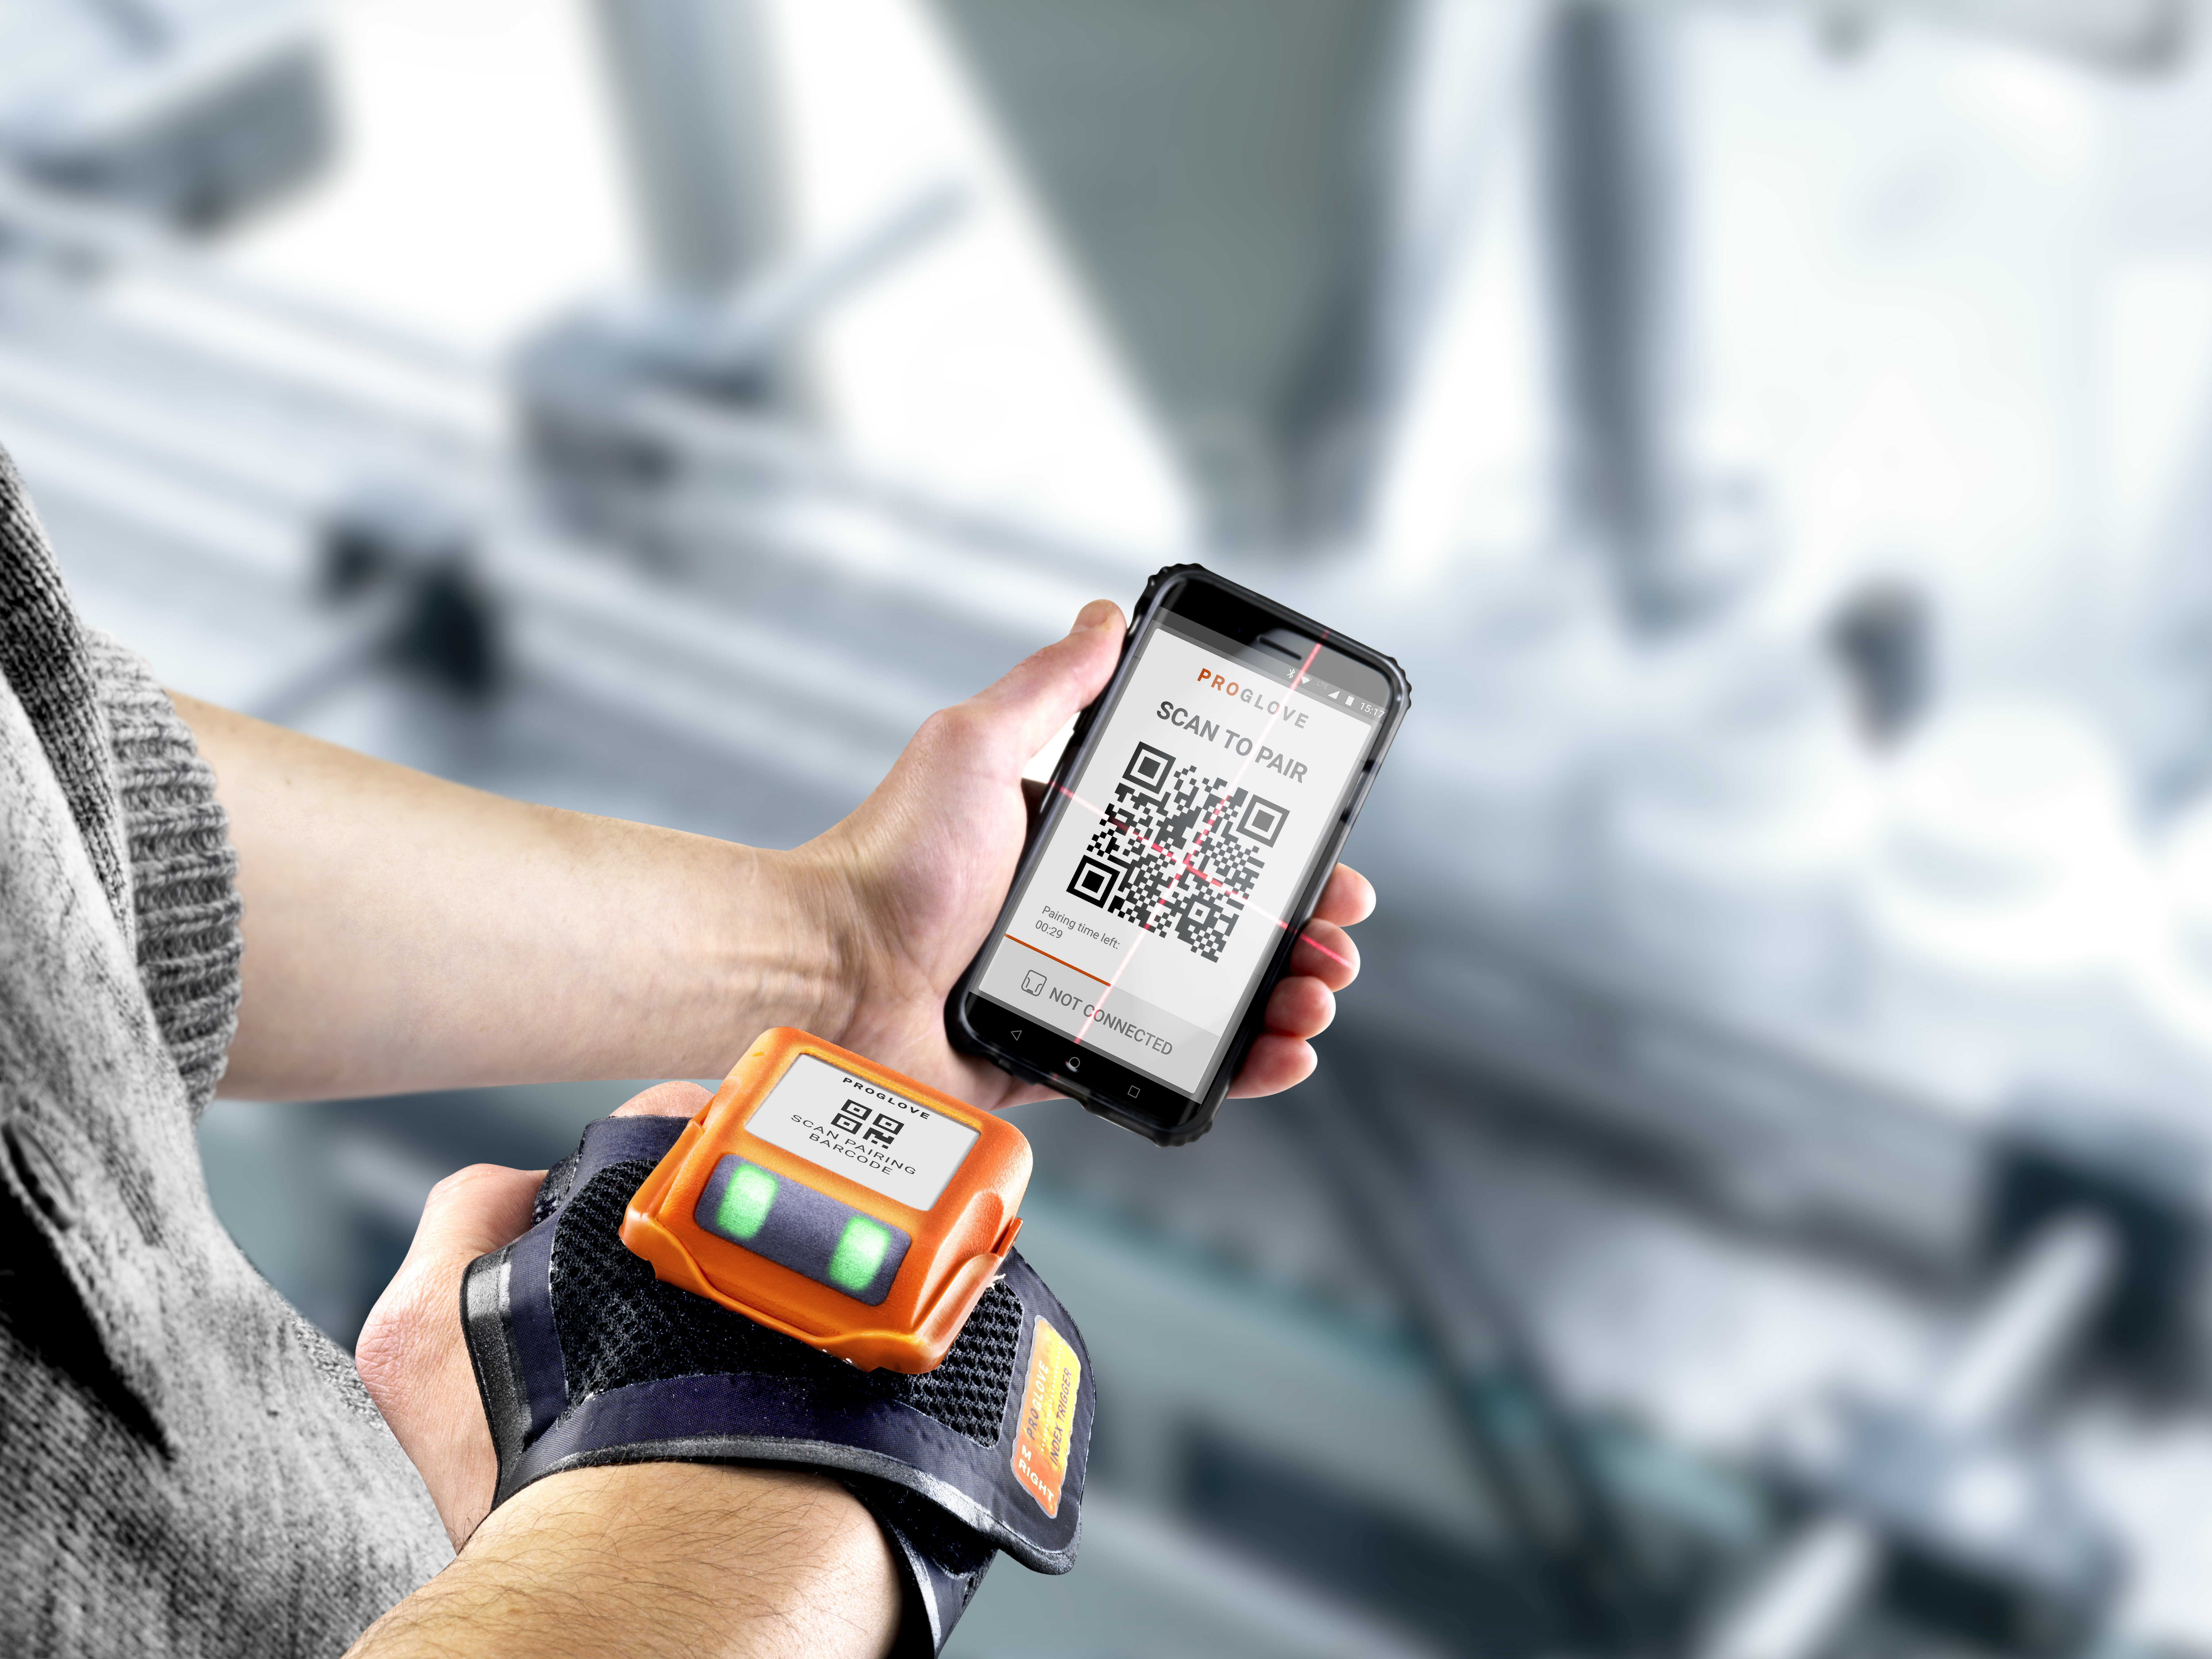 ProGlove stellt Insight Mobile für Android mit aktualisierter Social-Distancing-Funktionalität und SDK für iOS bereit